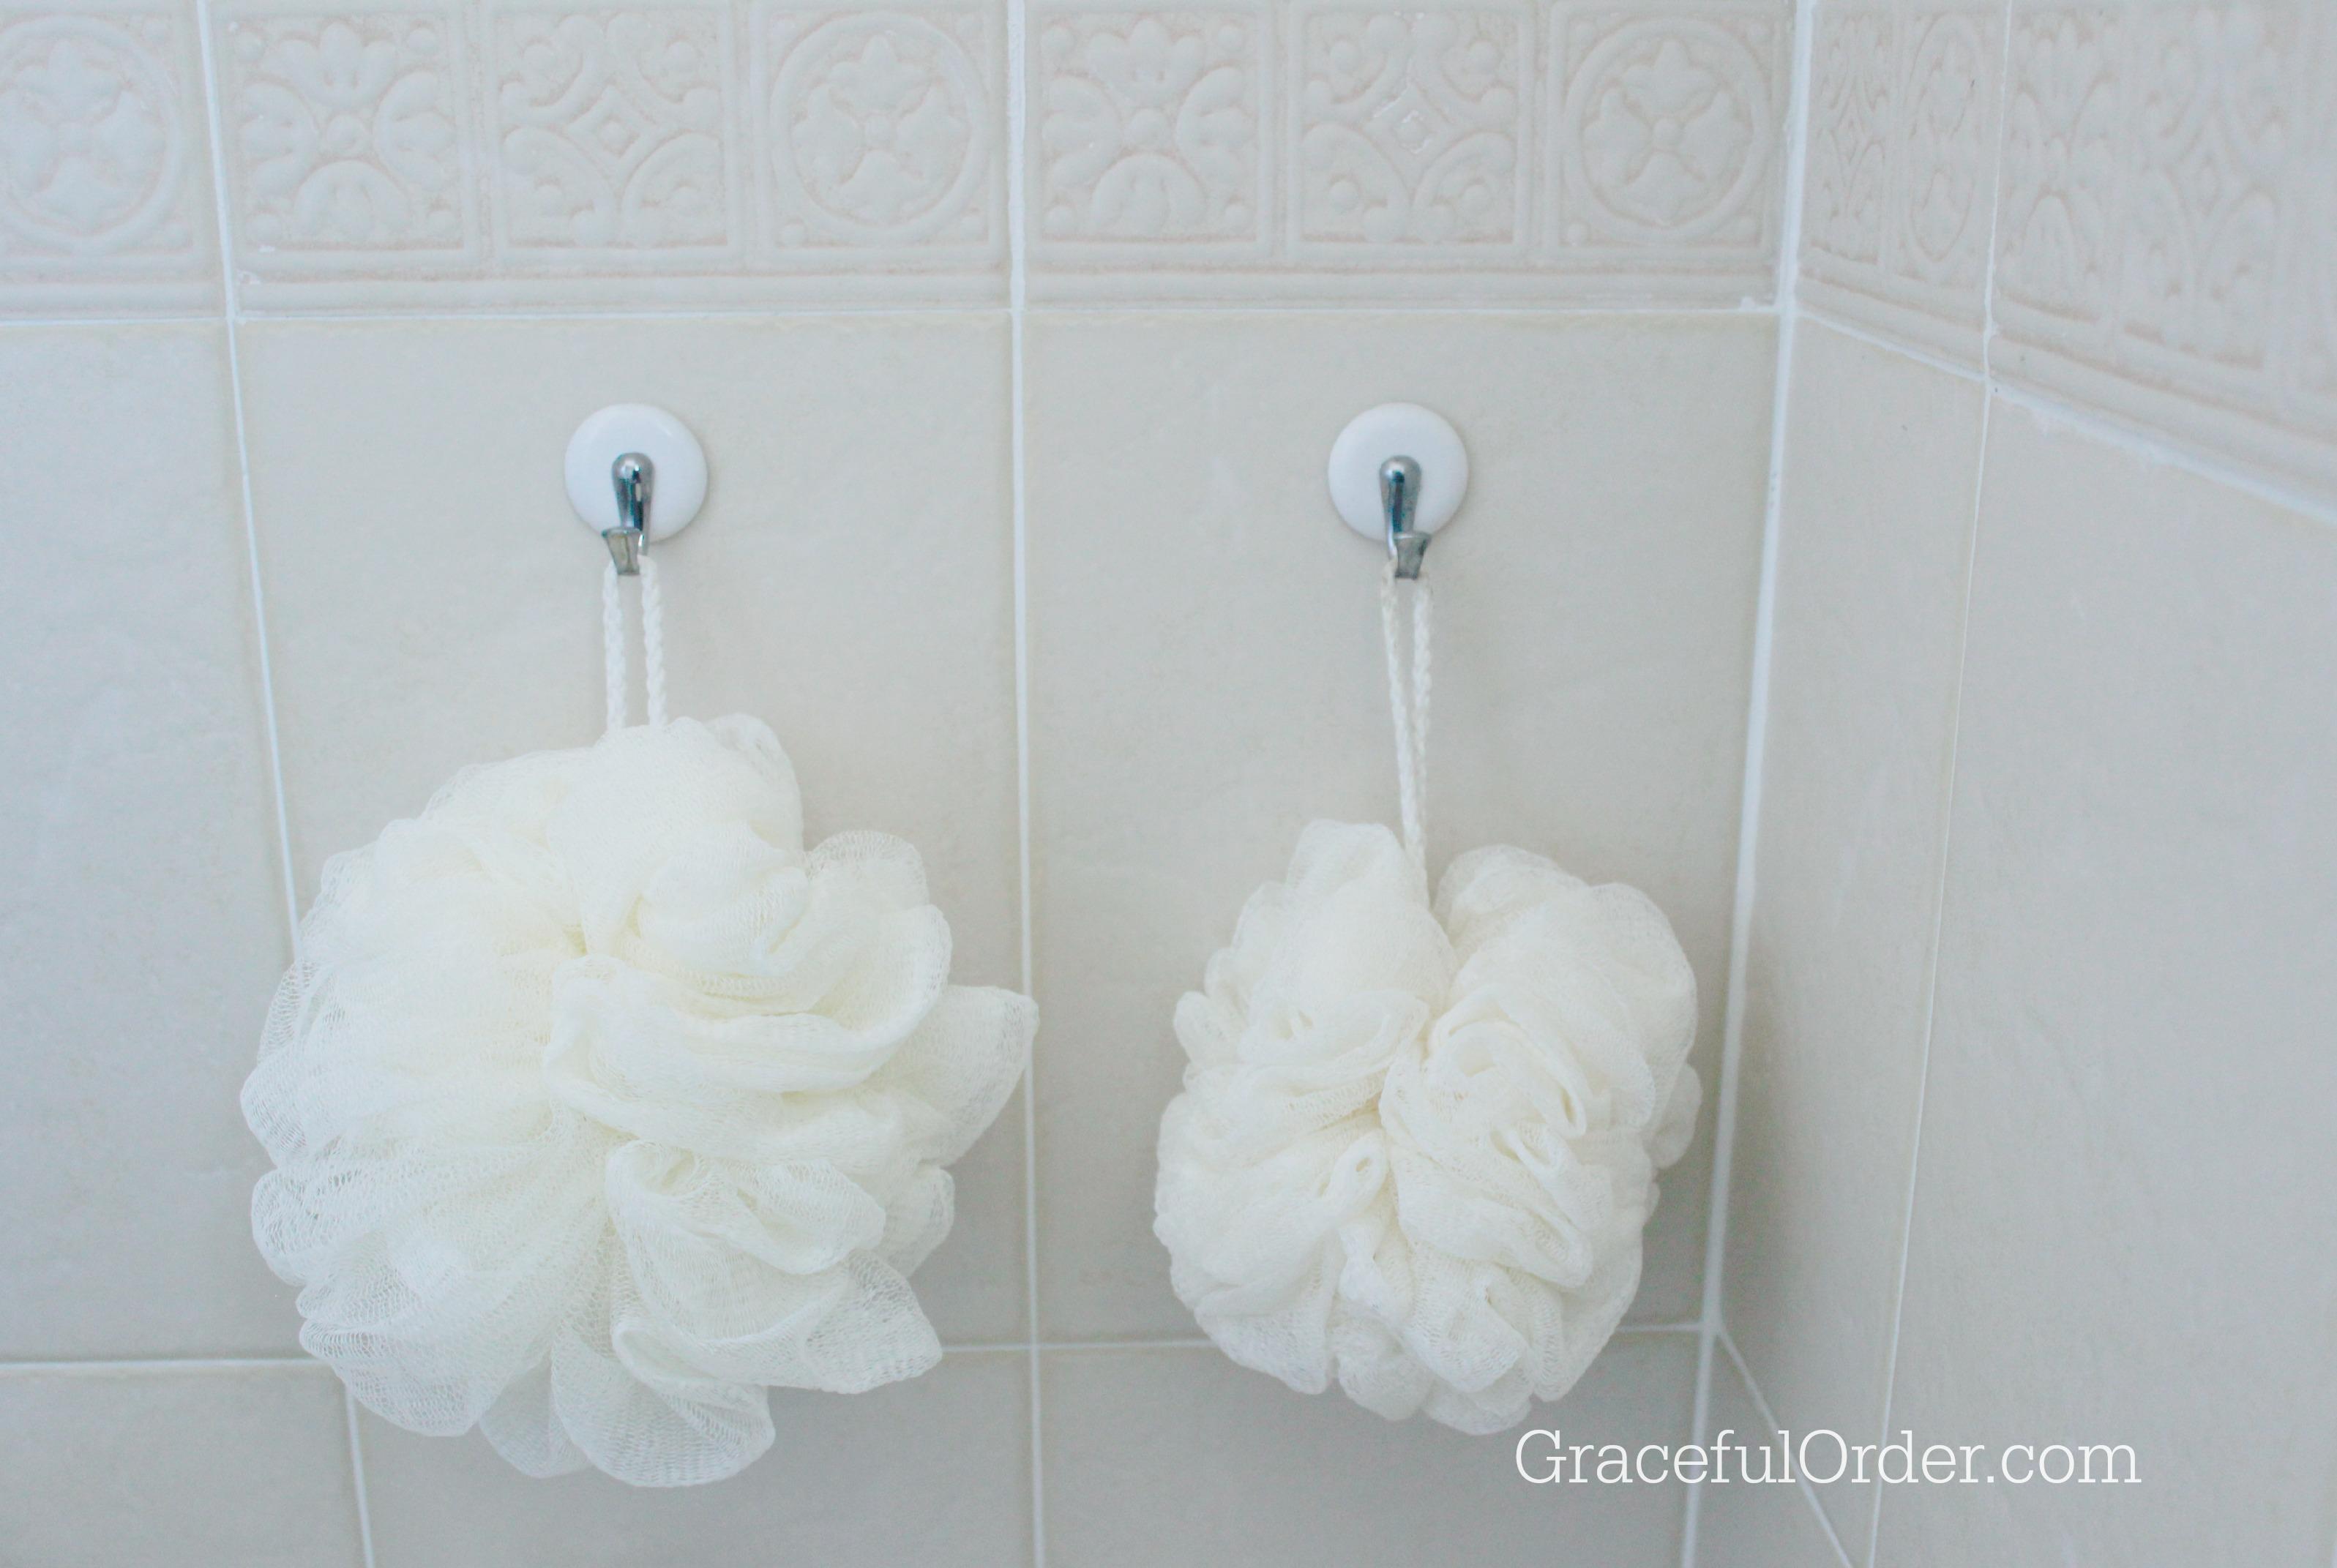 Shower Organization Archives - Graceful Order